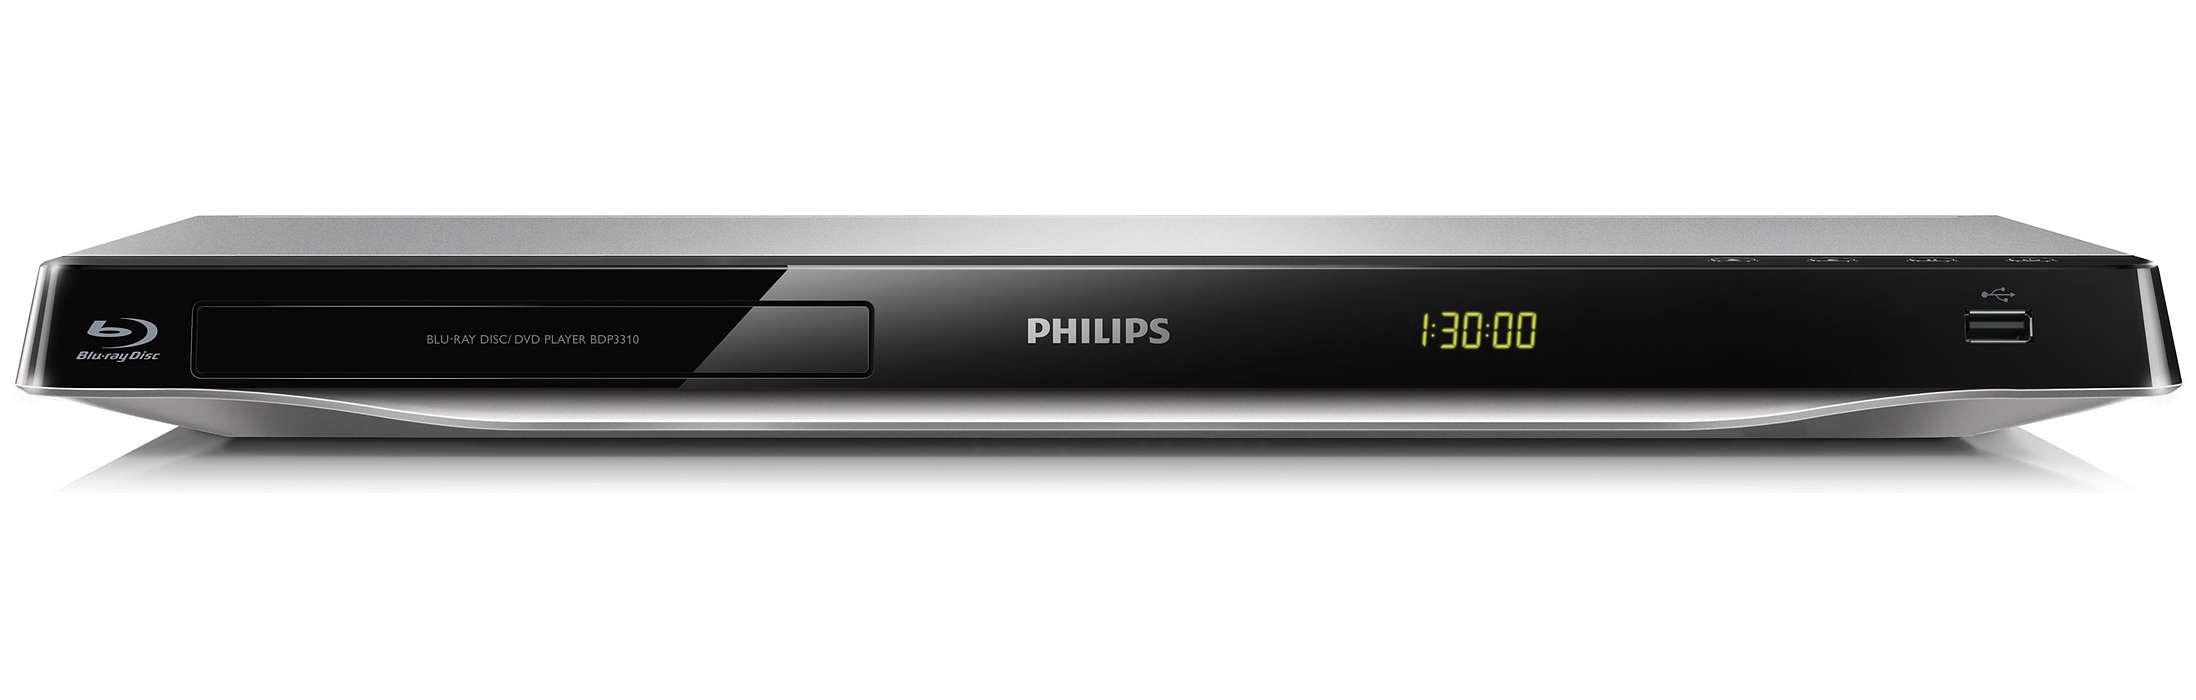 Få en Blu-ray-bioupplevelse hemma